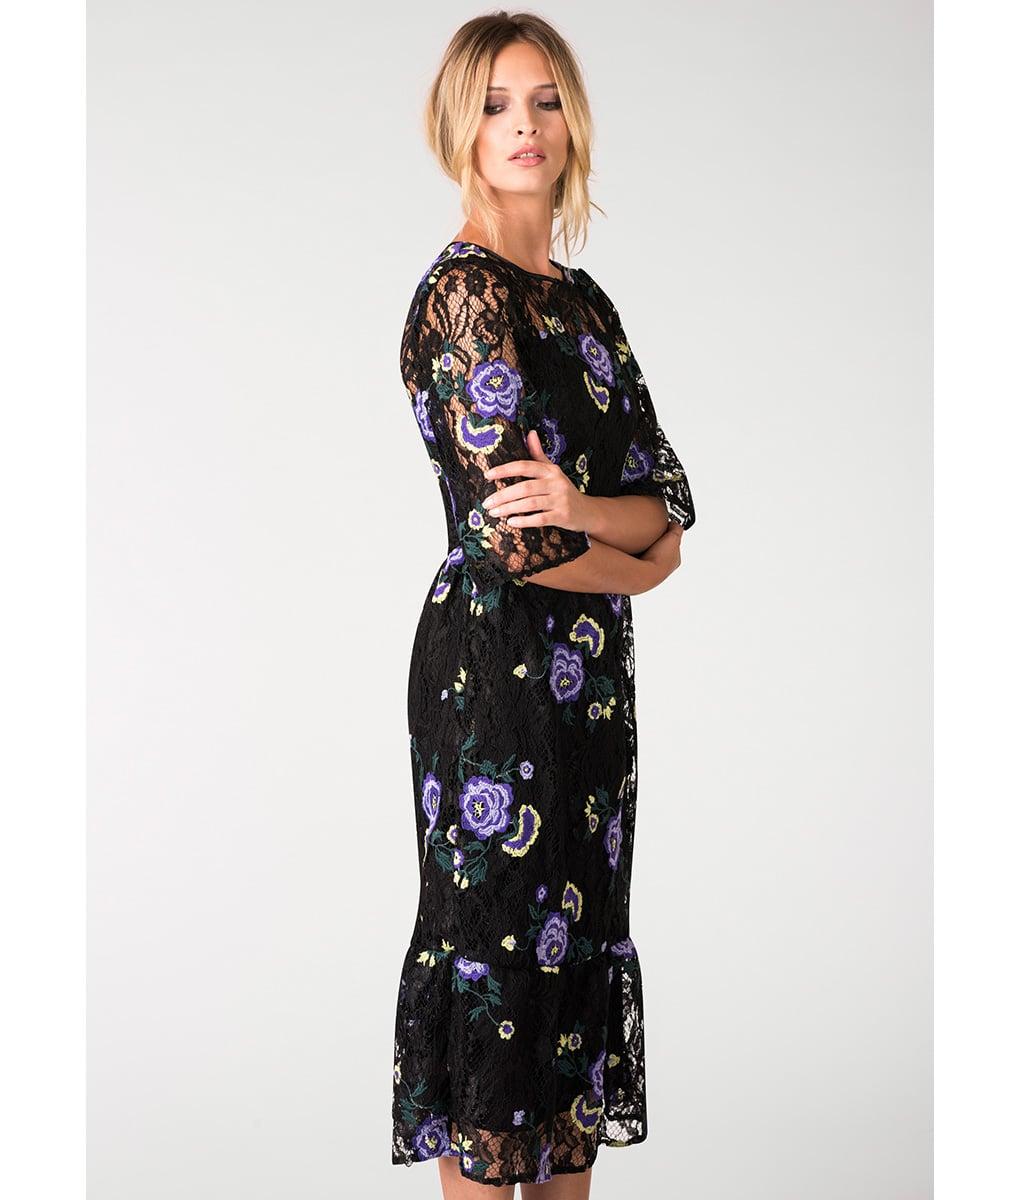 764f72e89 Closet London Floral Black Lace Midi Dress | Alila Boutique